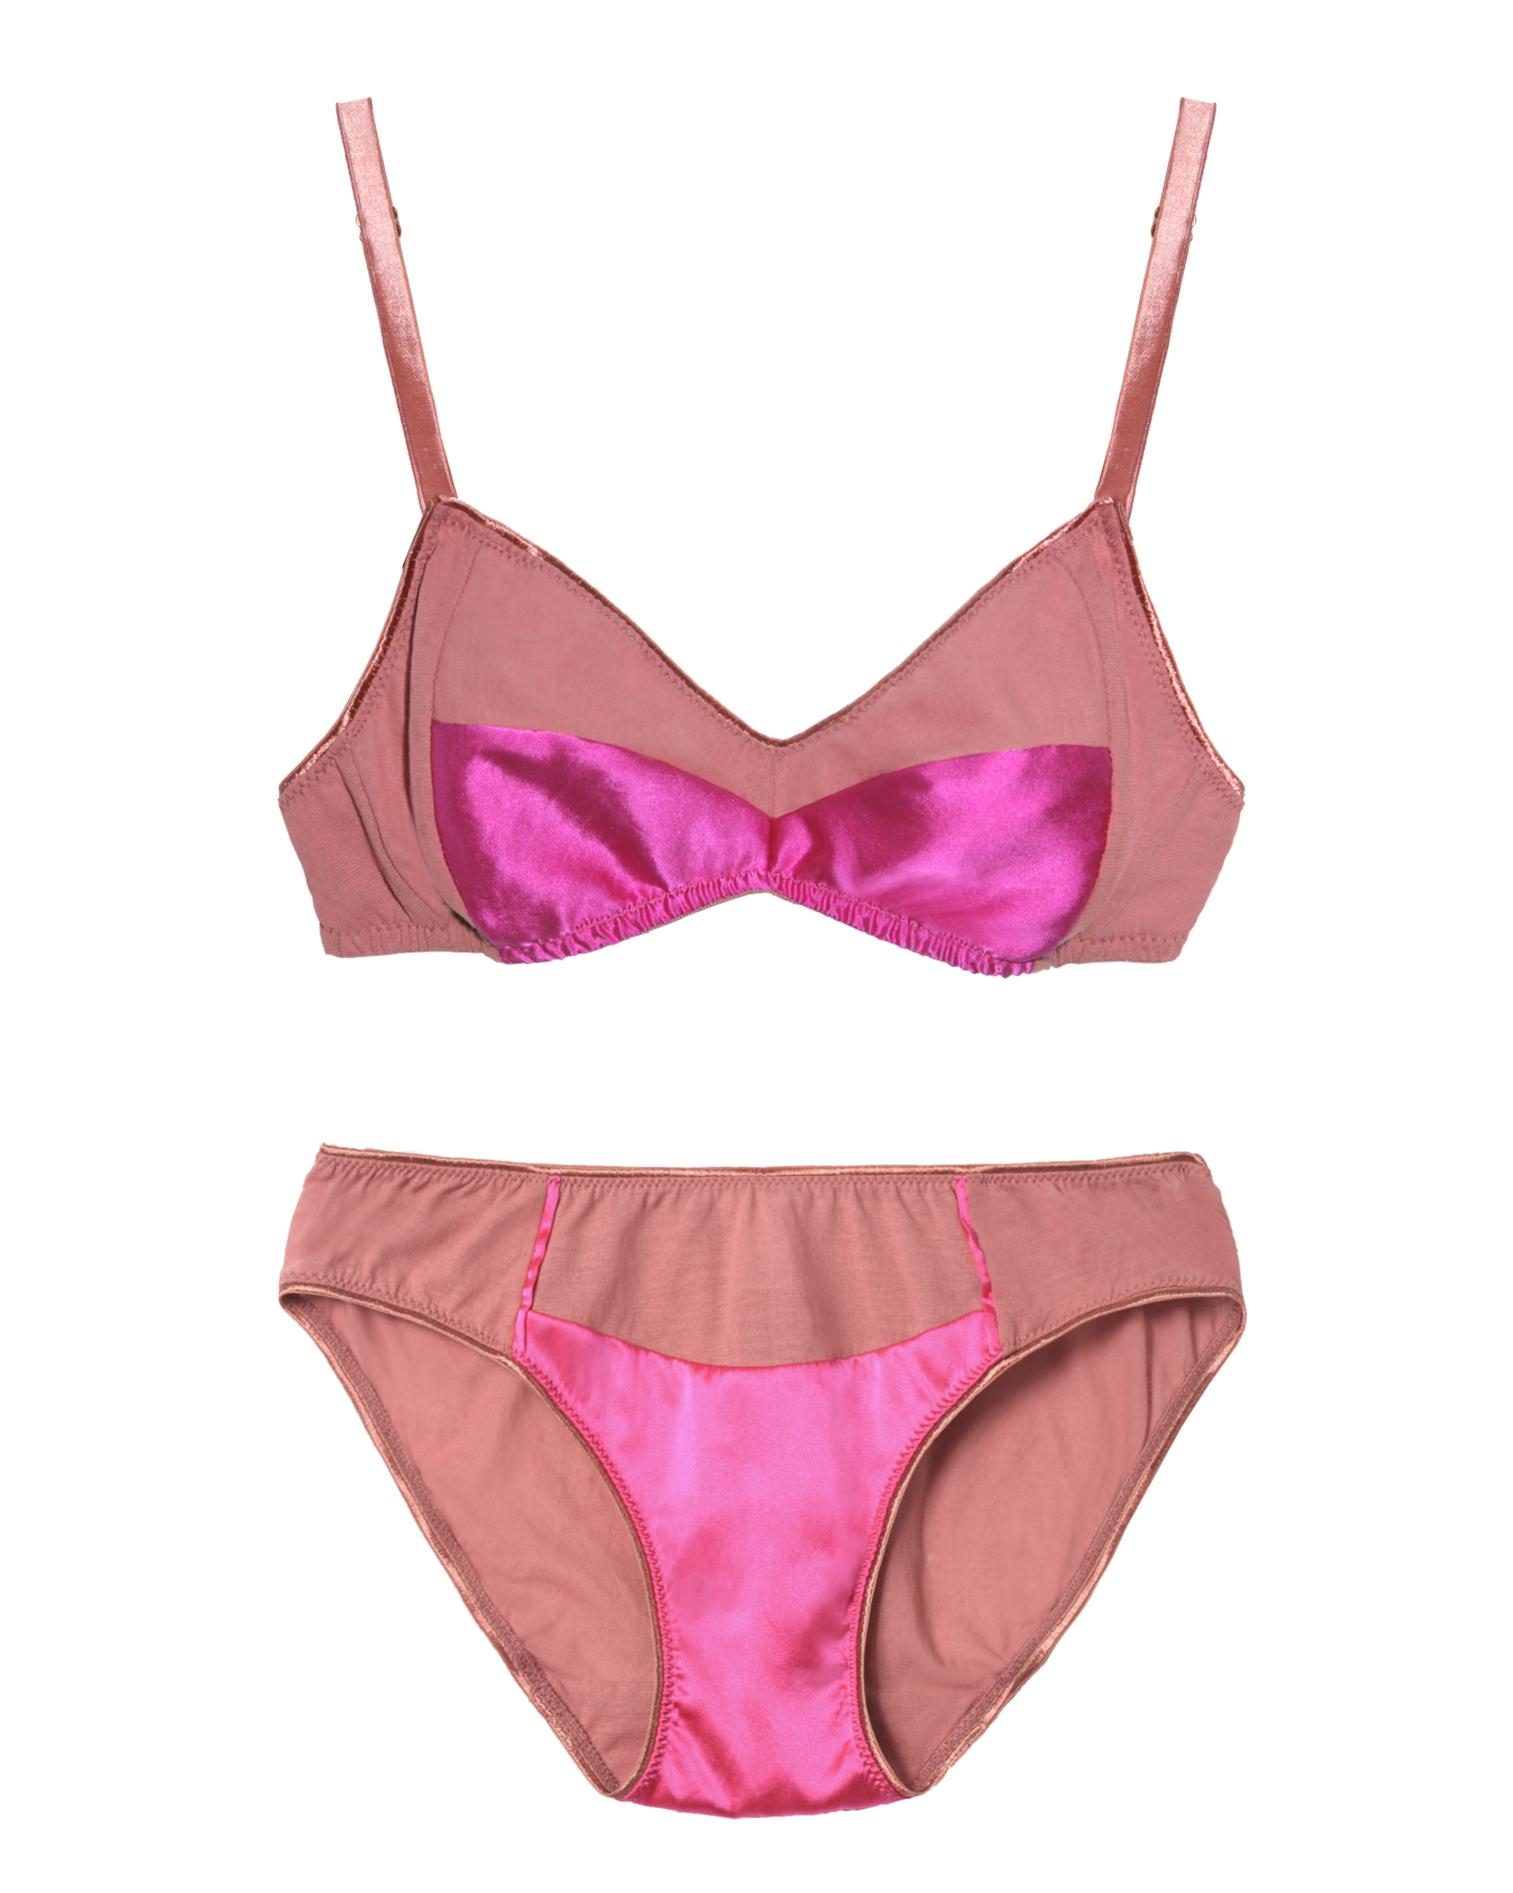 valentines-gift-guide-her-araks-lingerie-0115.jpg